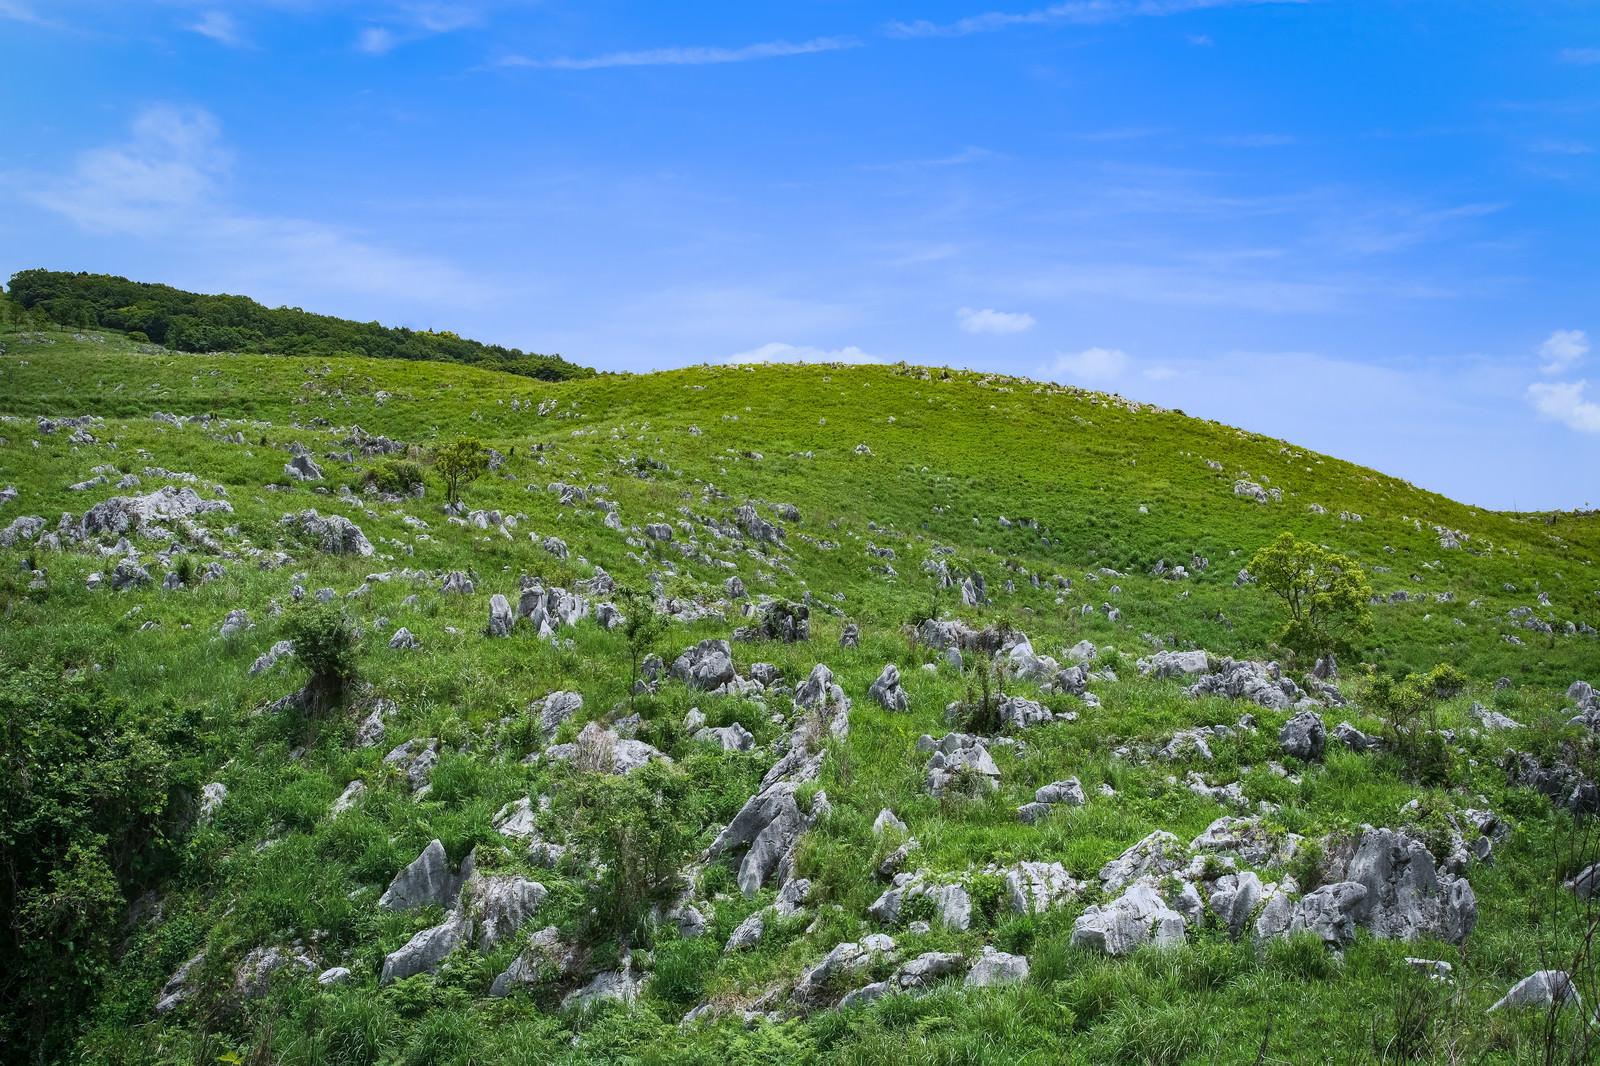 「なだらかな斜面に無数の石灰岩が並ぶ秋吉台(山口県美祢市)」の写真